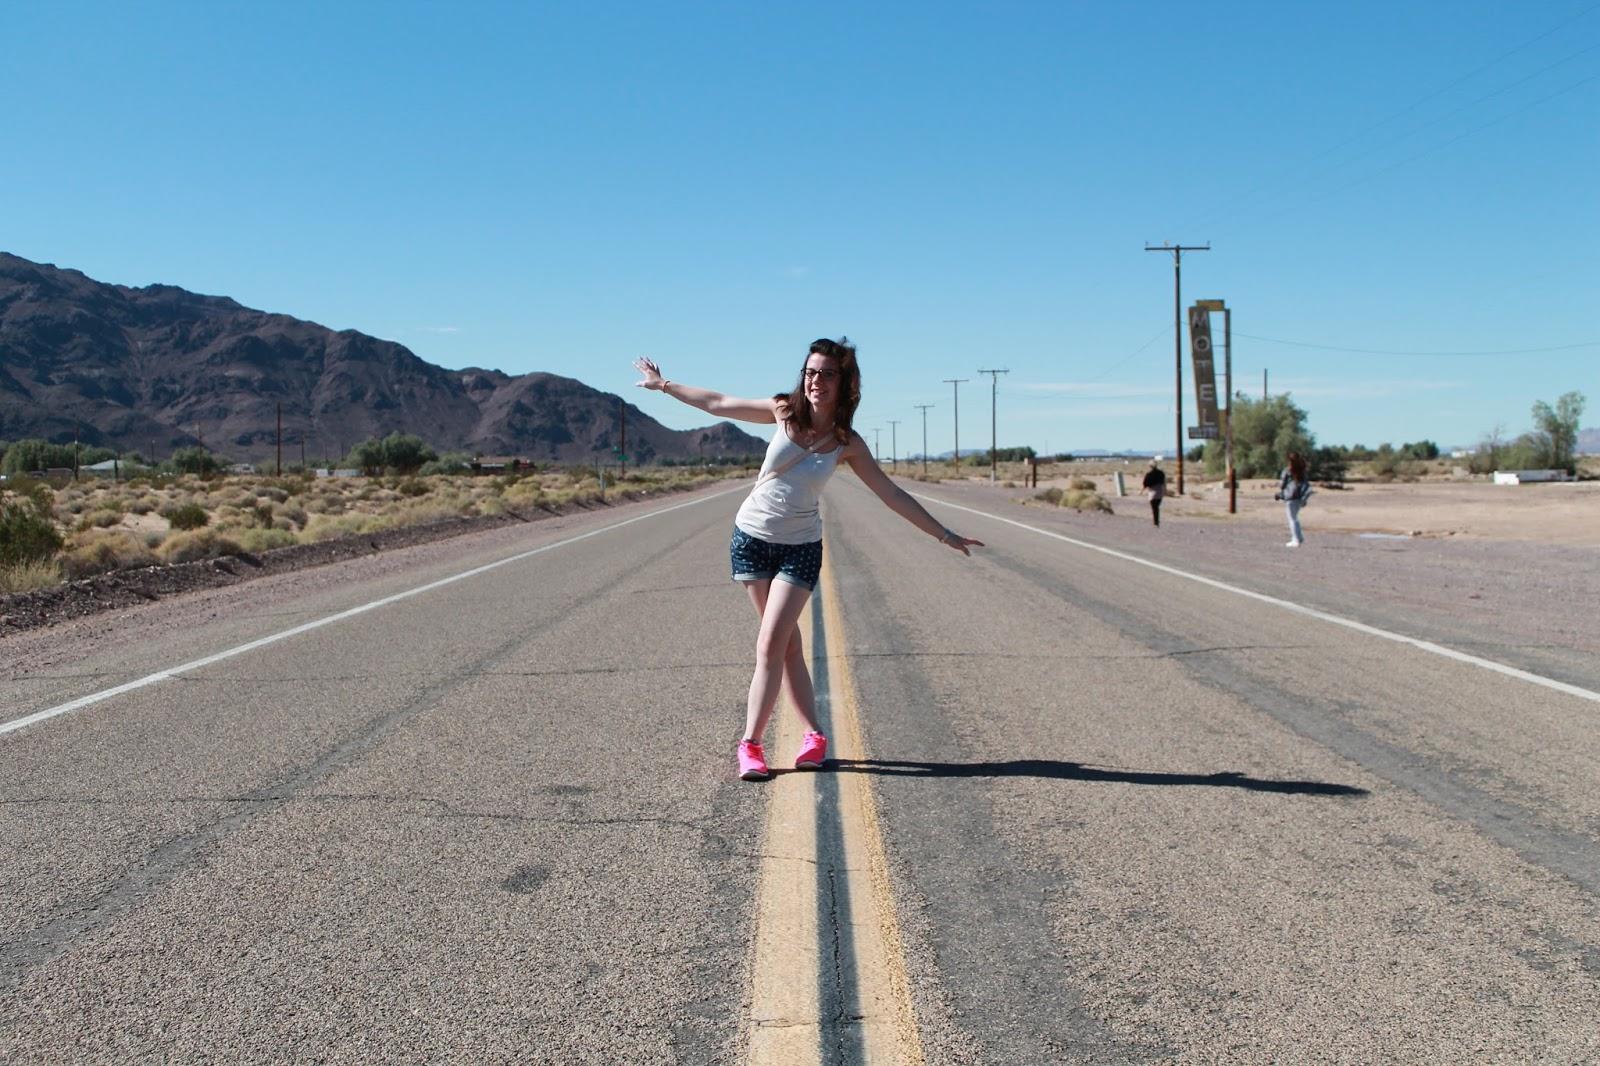 USA états unis amérique vacance transat roadtrip ouest américain road 66 route